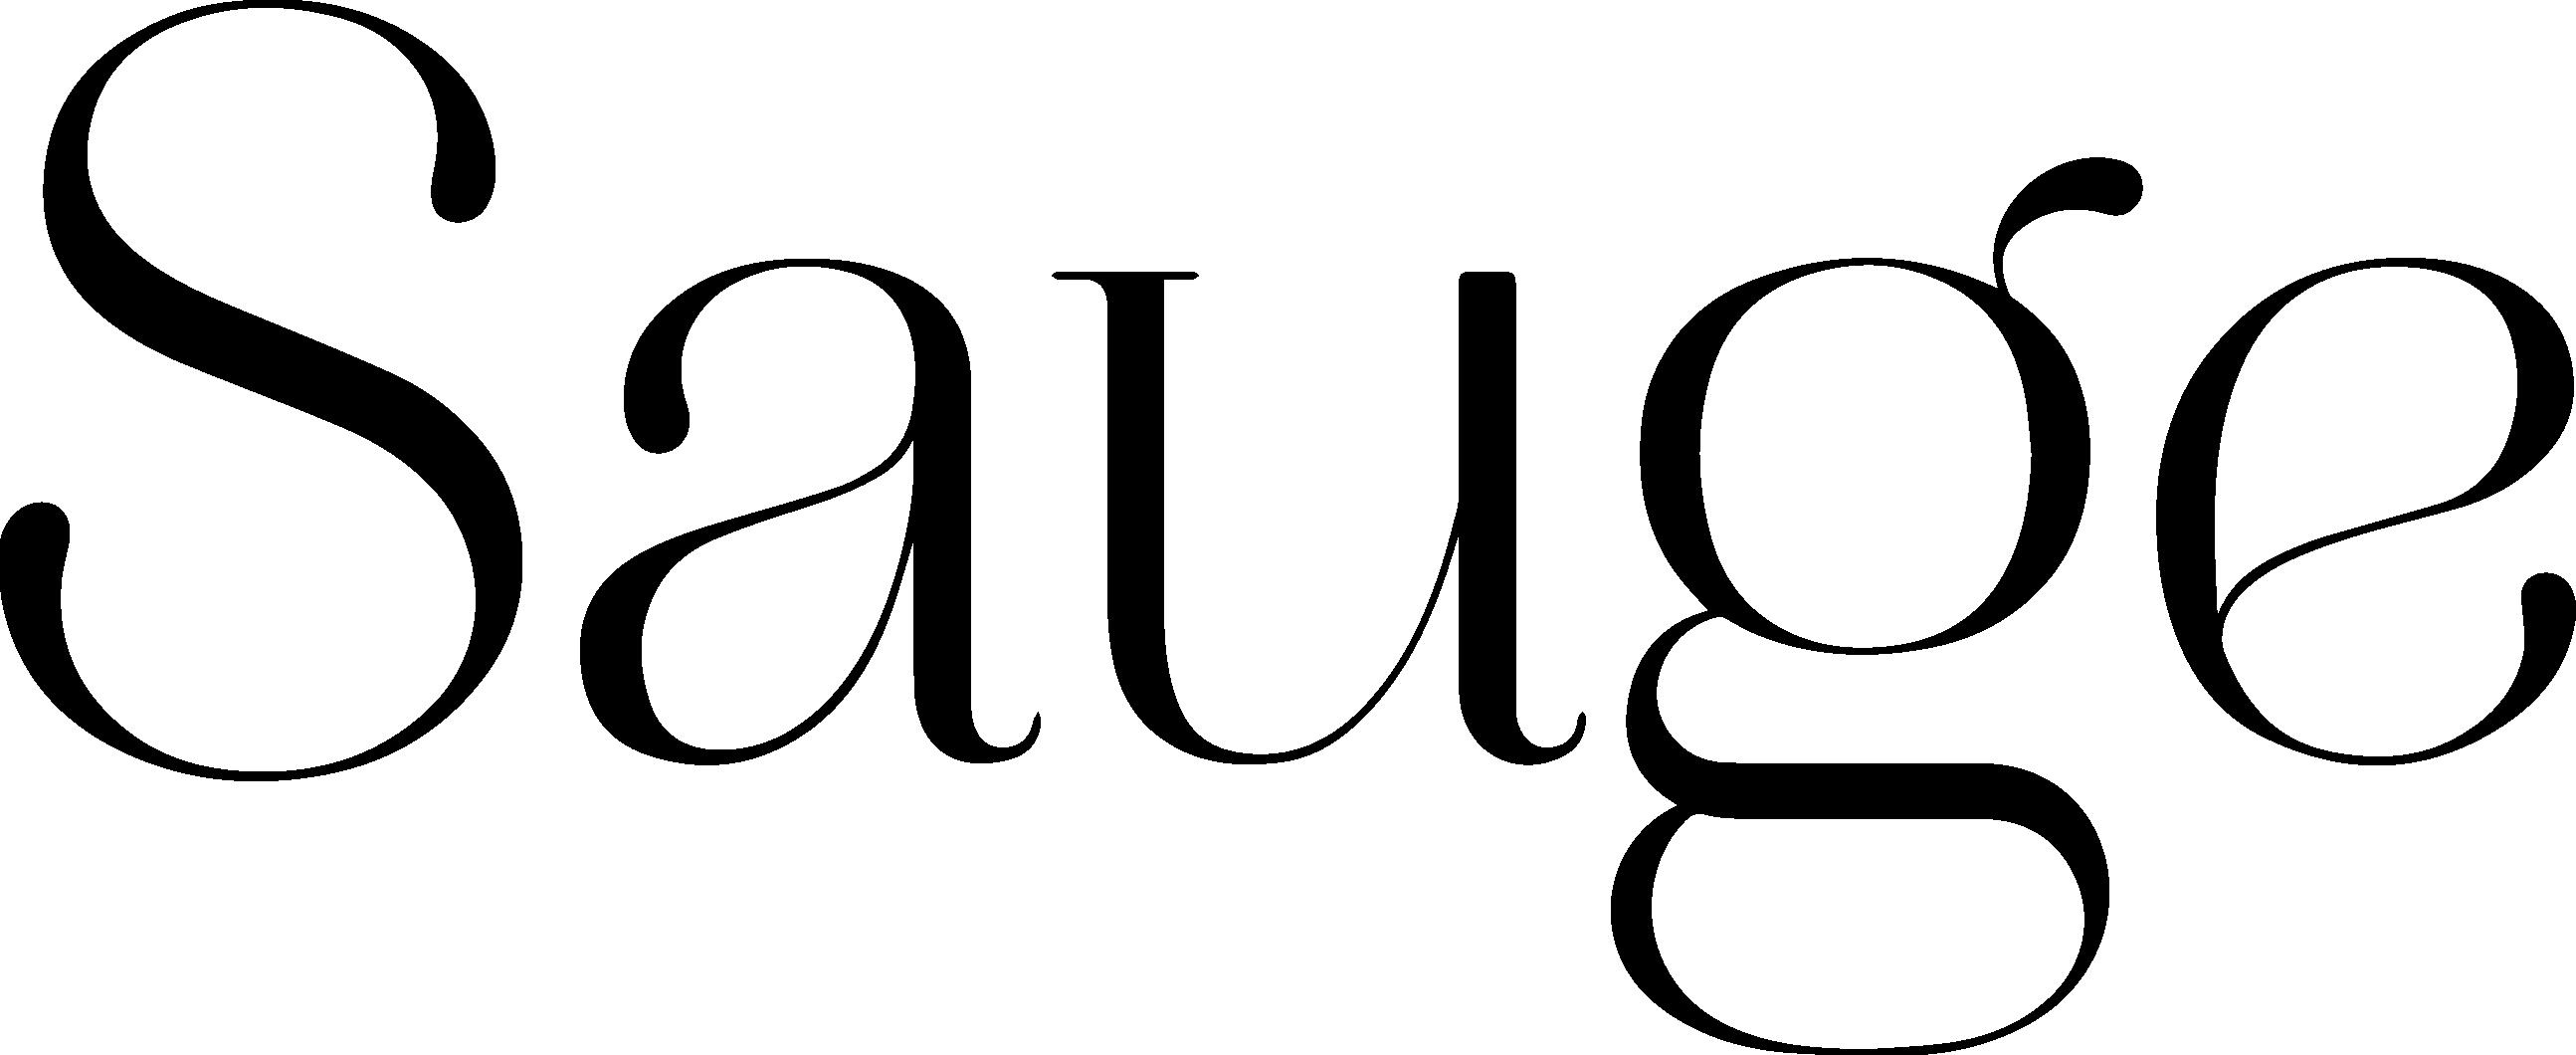 Logotype - Sauge (1)